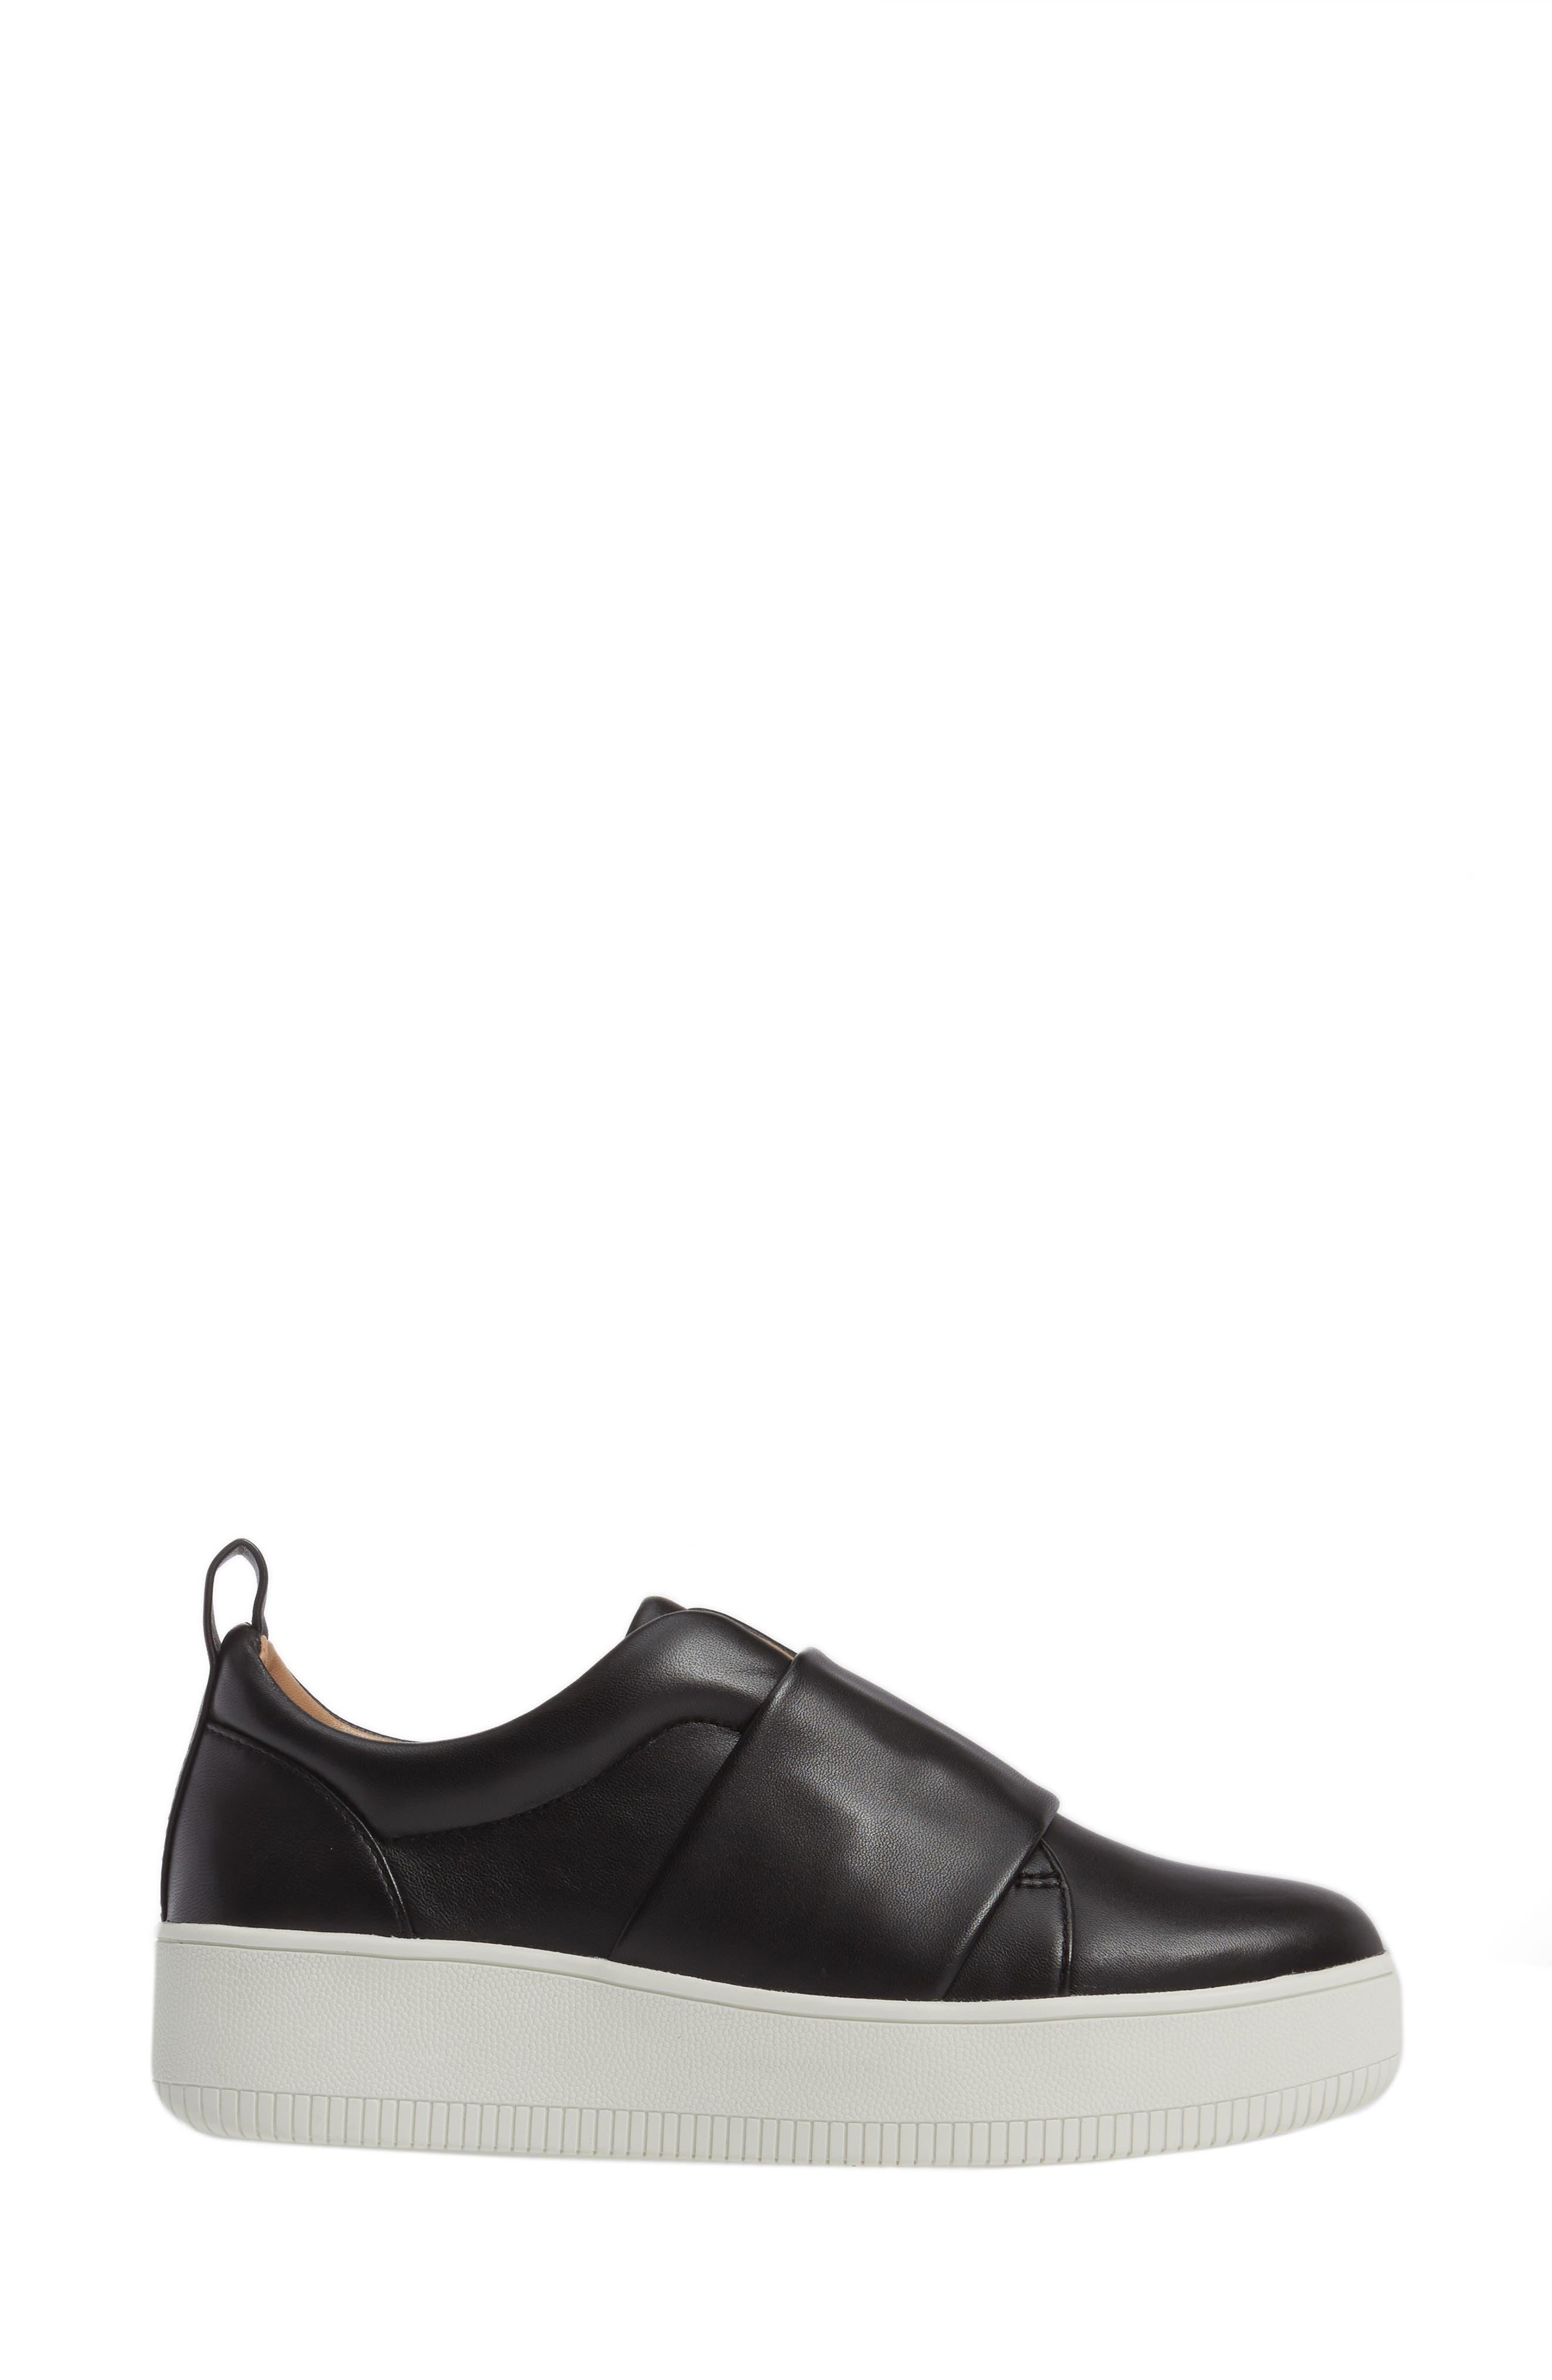 Suzie Platform Sneaker,                             Alternate thumbnail 3, color,                             001